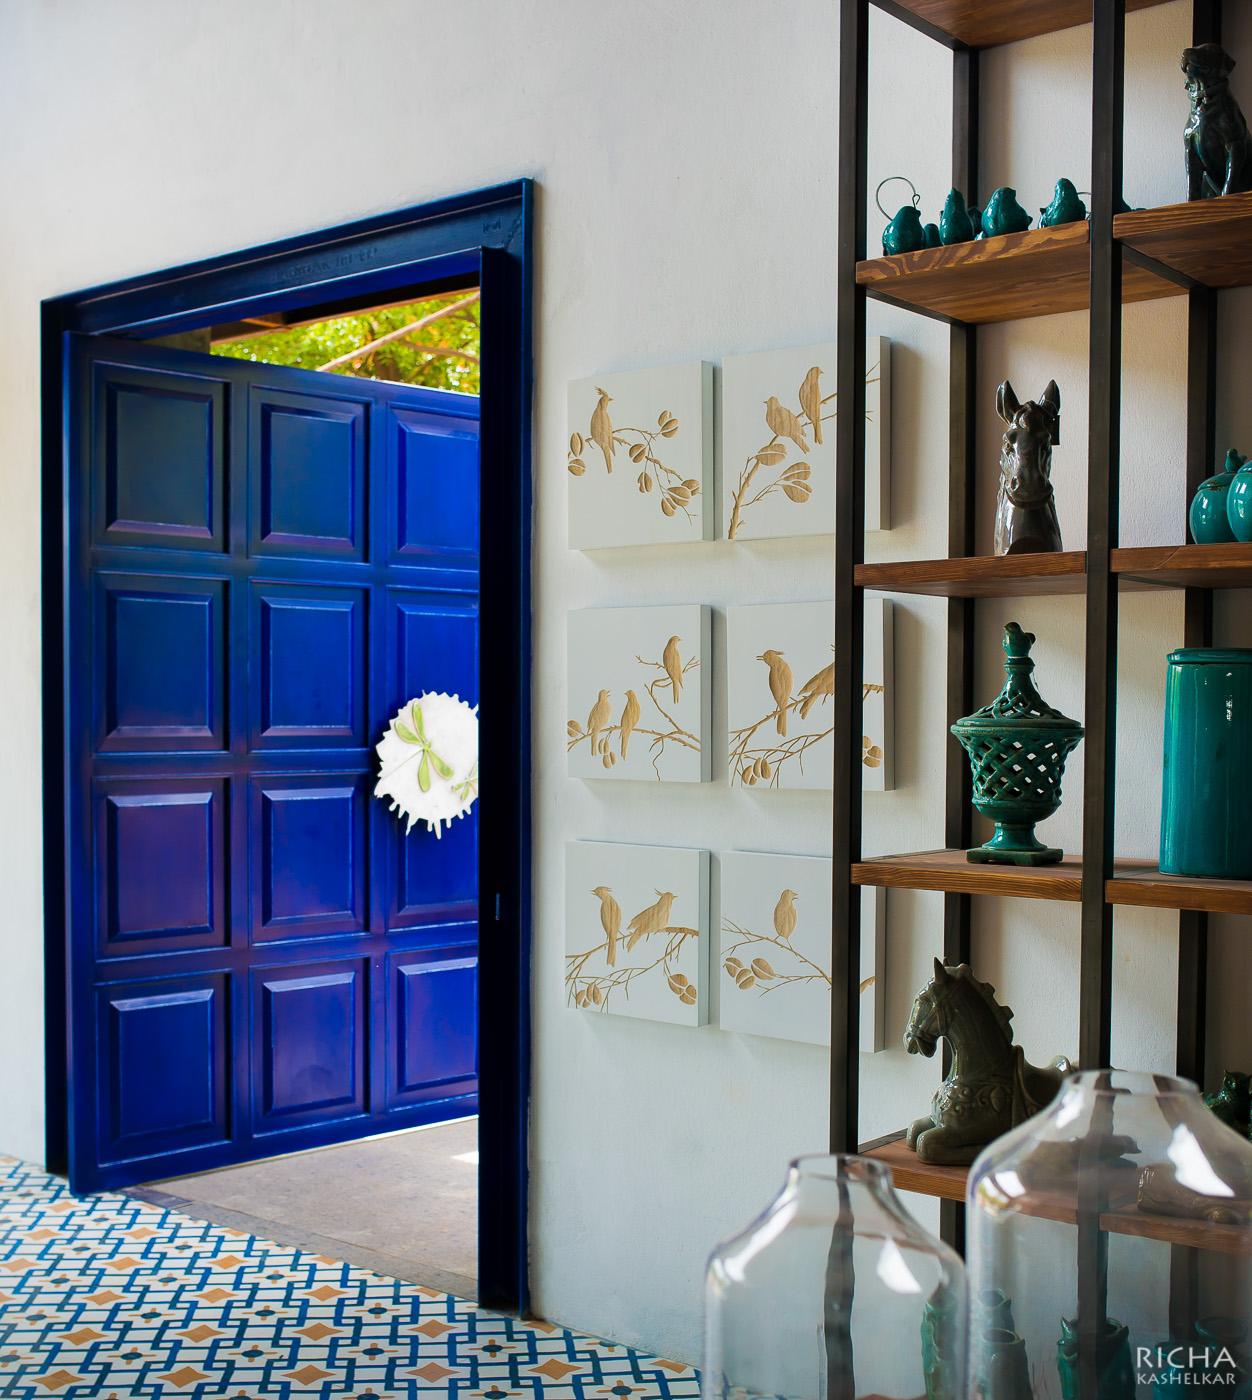 Home Interior Design Ideas Hyderabad: Room Therapy – Hyderabad